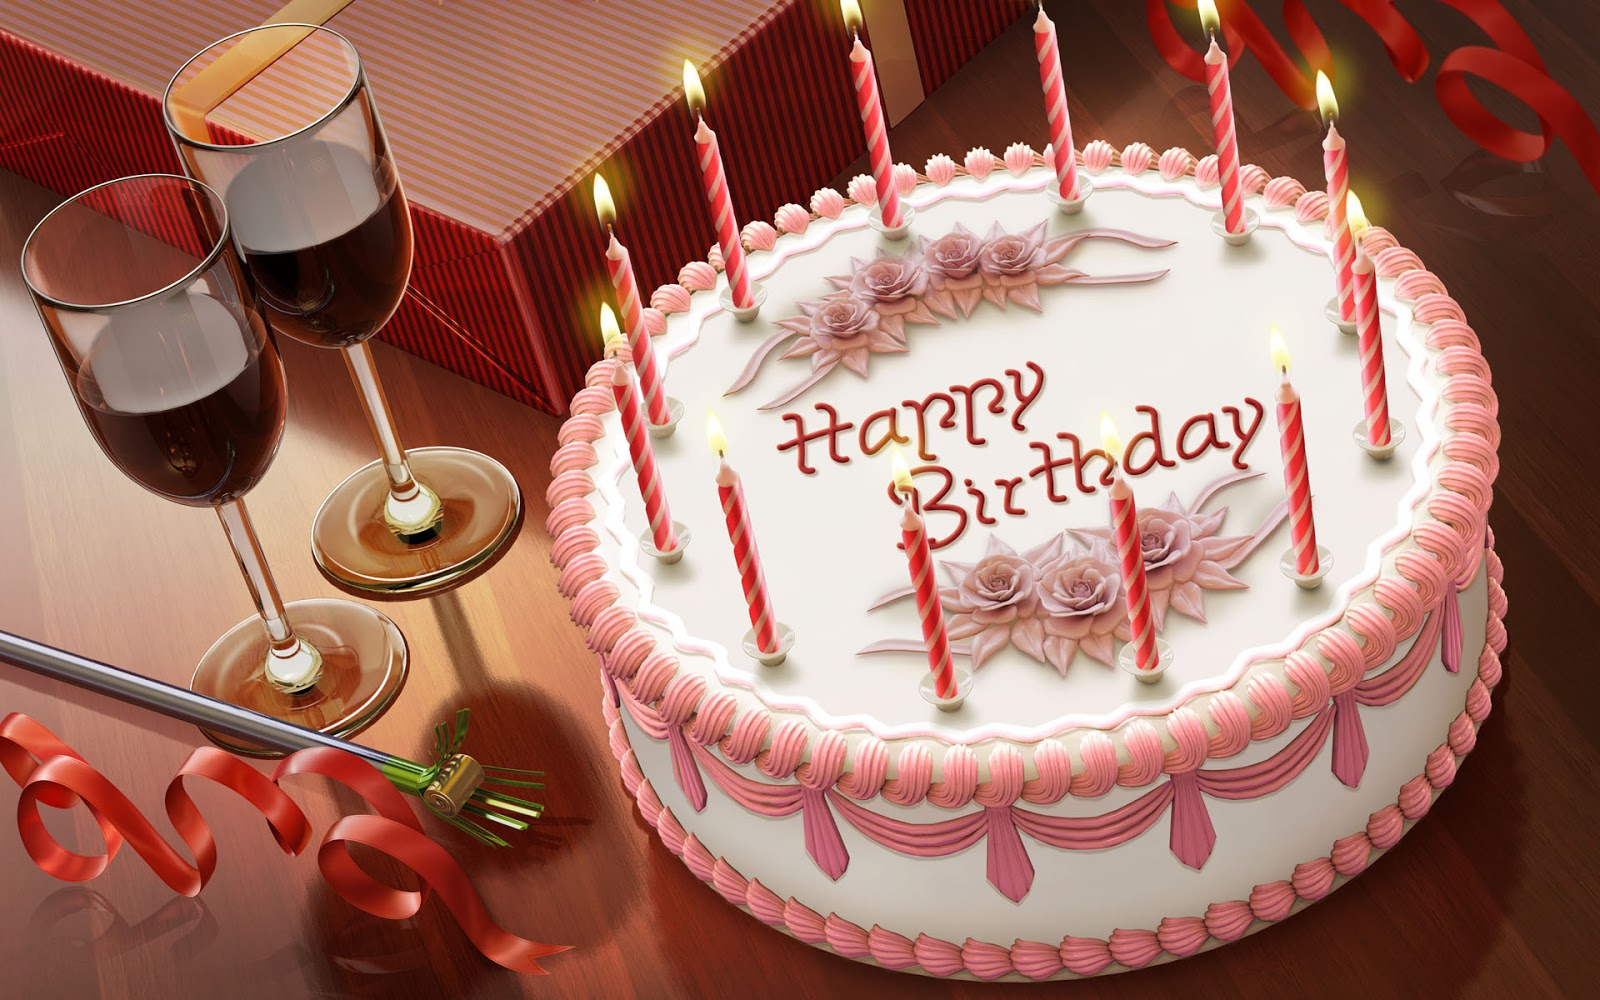 http://3.bp.blogspot.com/-R-RGKlRkc_Y/UeFFHv77-2I/AAAAAAAAAMk/2fdfZANflPg/s1600/Happy-Birthday-tamar20-30799064-1920-1200.jpg